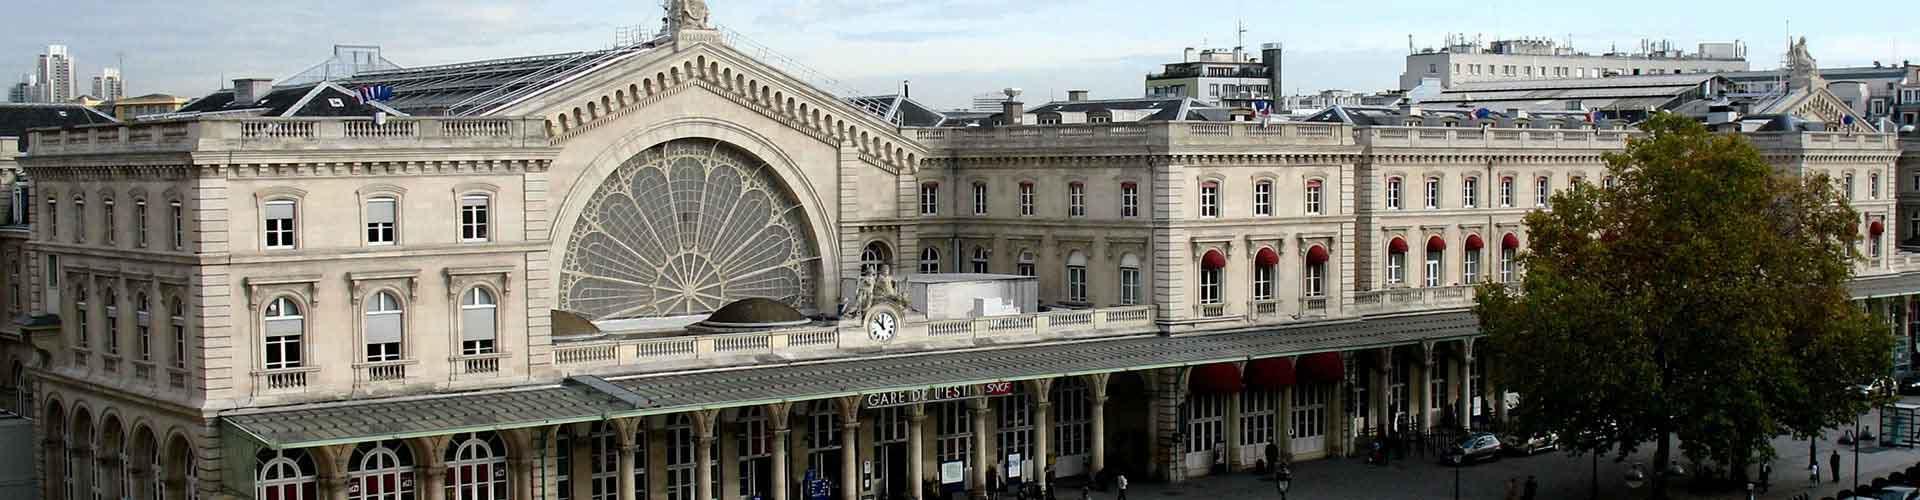 파리 - Gare de l'Est railway station에 가까운 호스텔. 파리의 지도, 파리에 위치한 호스텔에 대한 사진 및 리뷰.